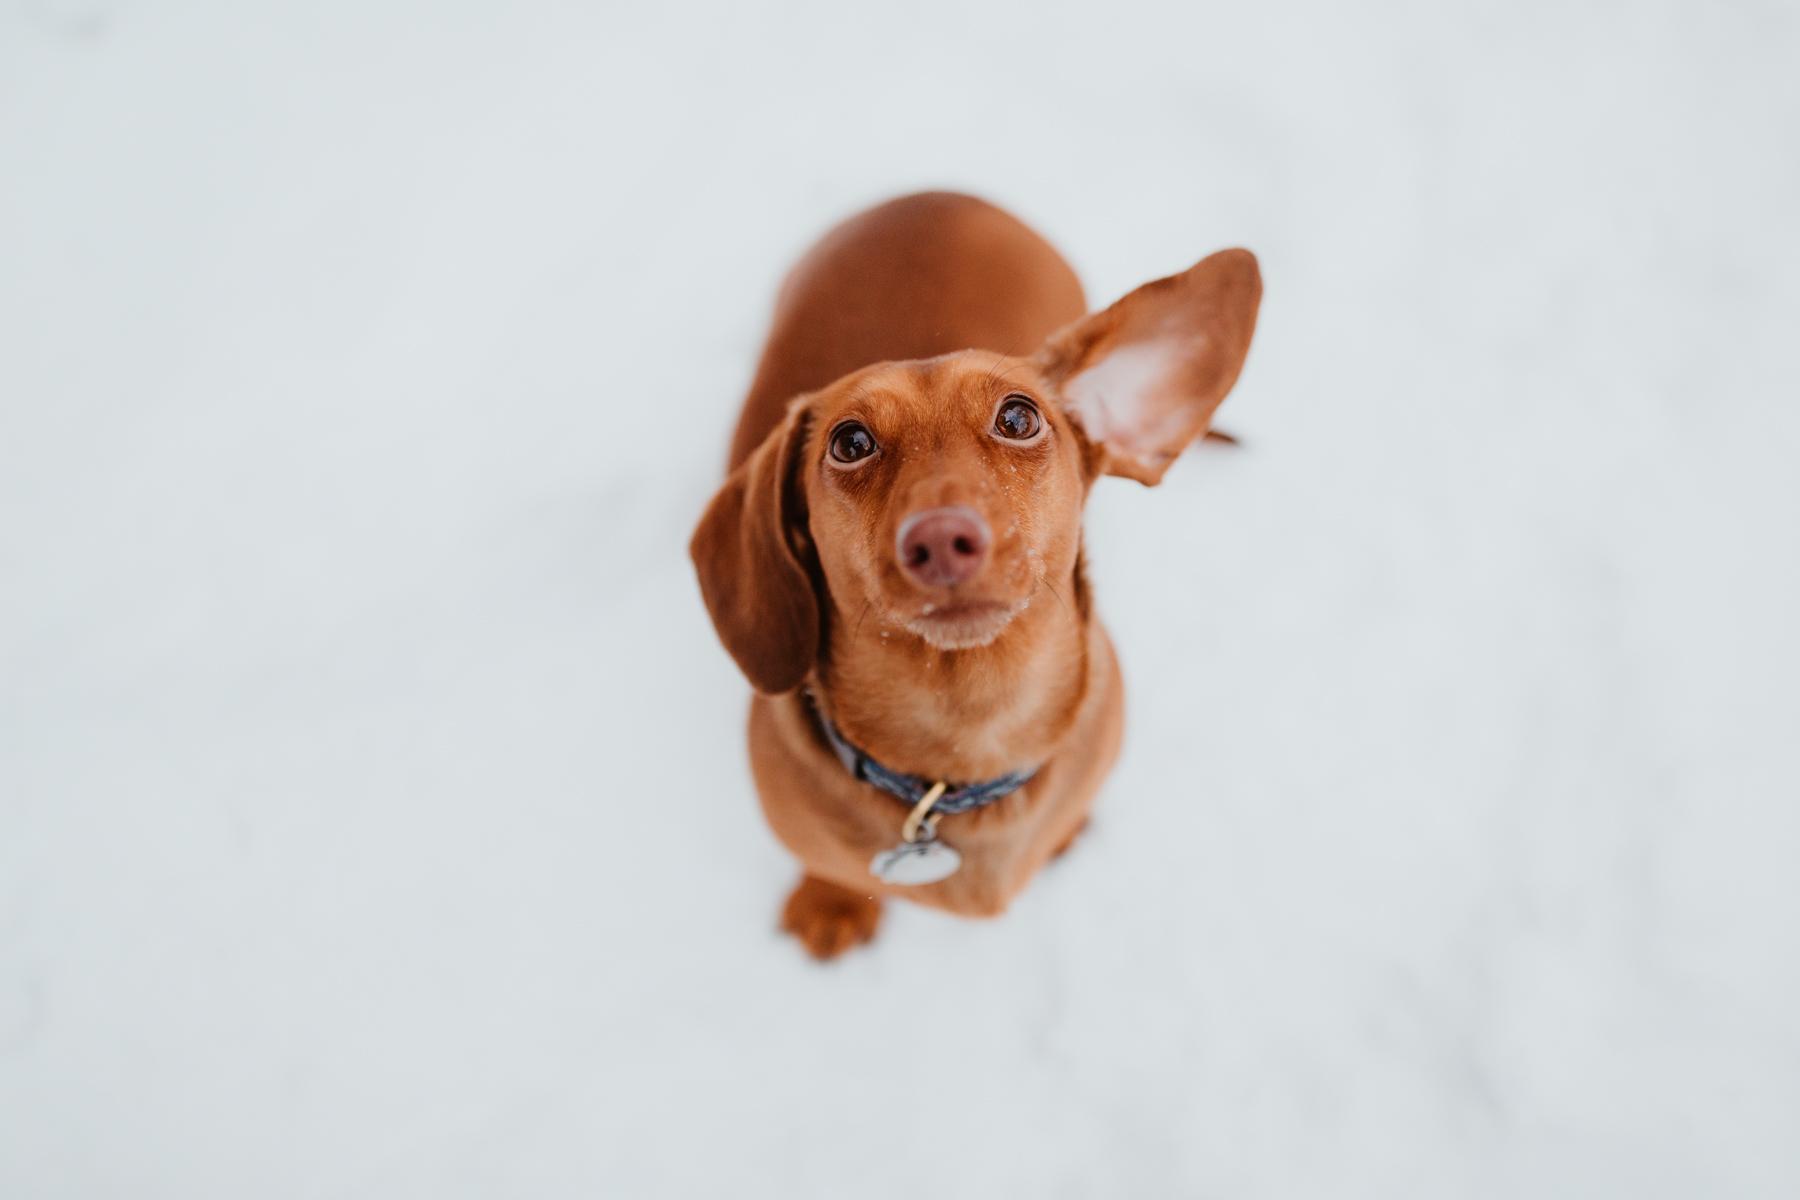 Short Dog Probs & Noodle